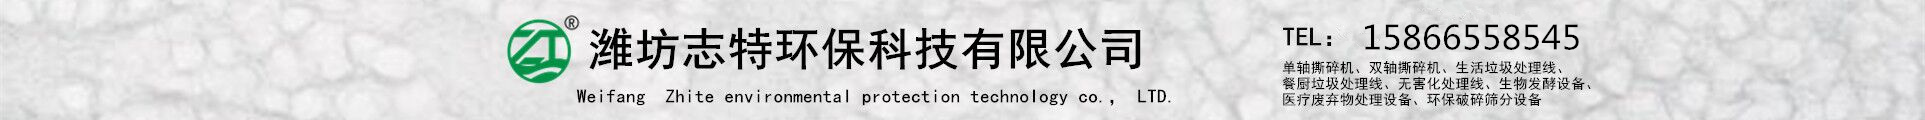 潍坊志特环保科技有限公司